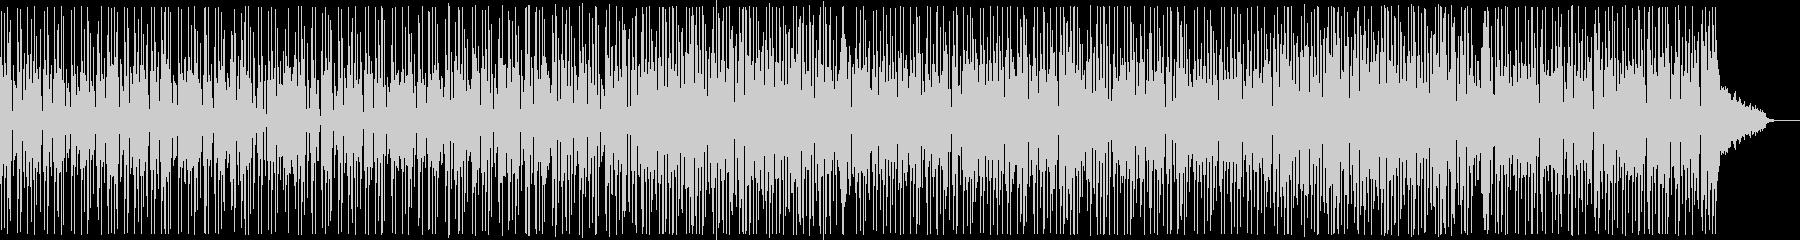 コミカルなファンキーオルガン:フルx1の未再生の波形